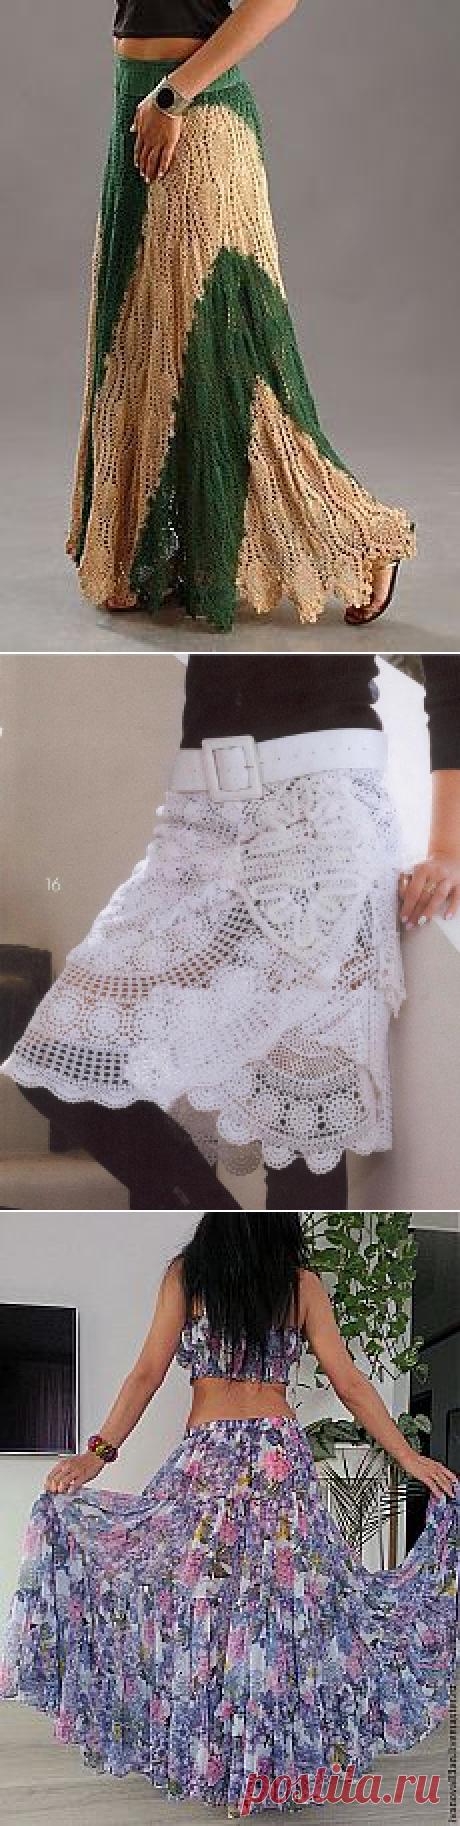 Поиск на Постиле: красивые юбки